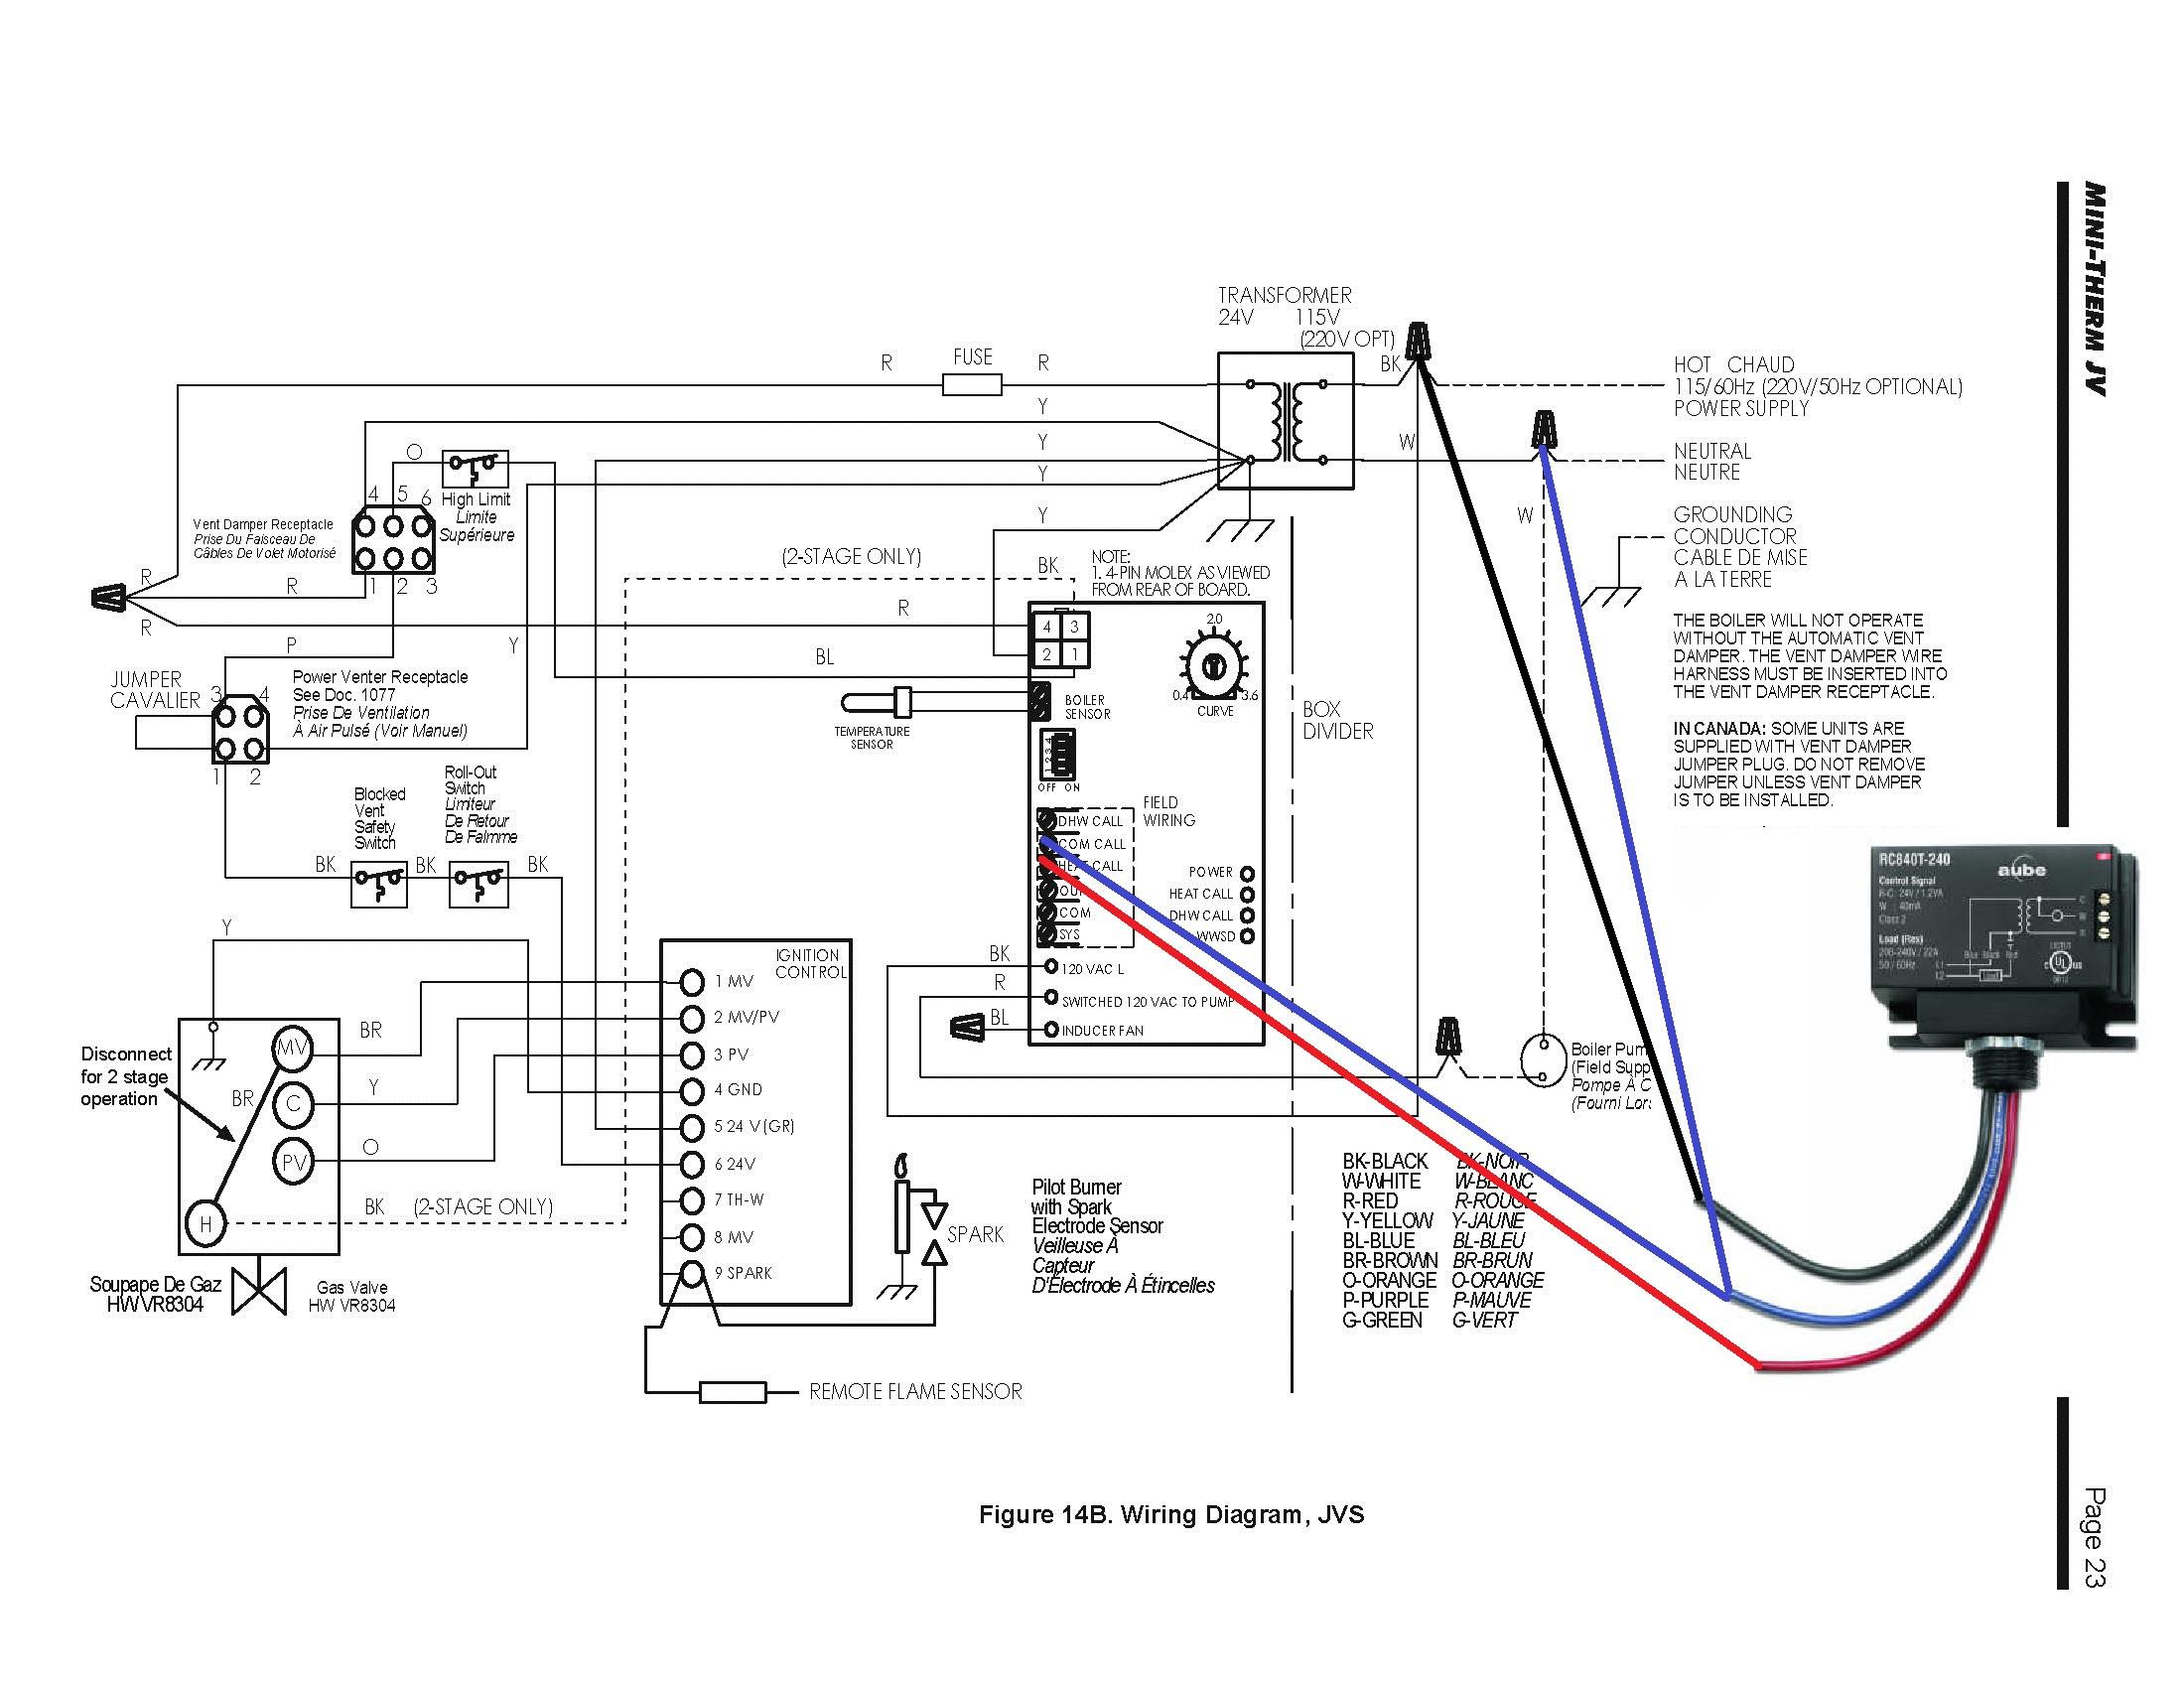 laars gas furnace electrical wiring diagram best wiring library NeoTherm Boiler laars gas furnace electrical wiring diagram auto electrical wiring furnace gas valve wiring diagram laars gas